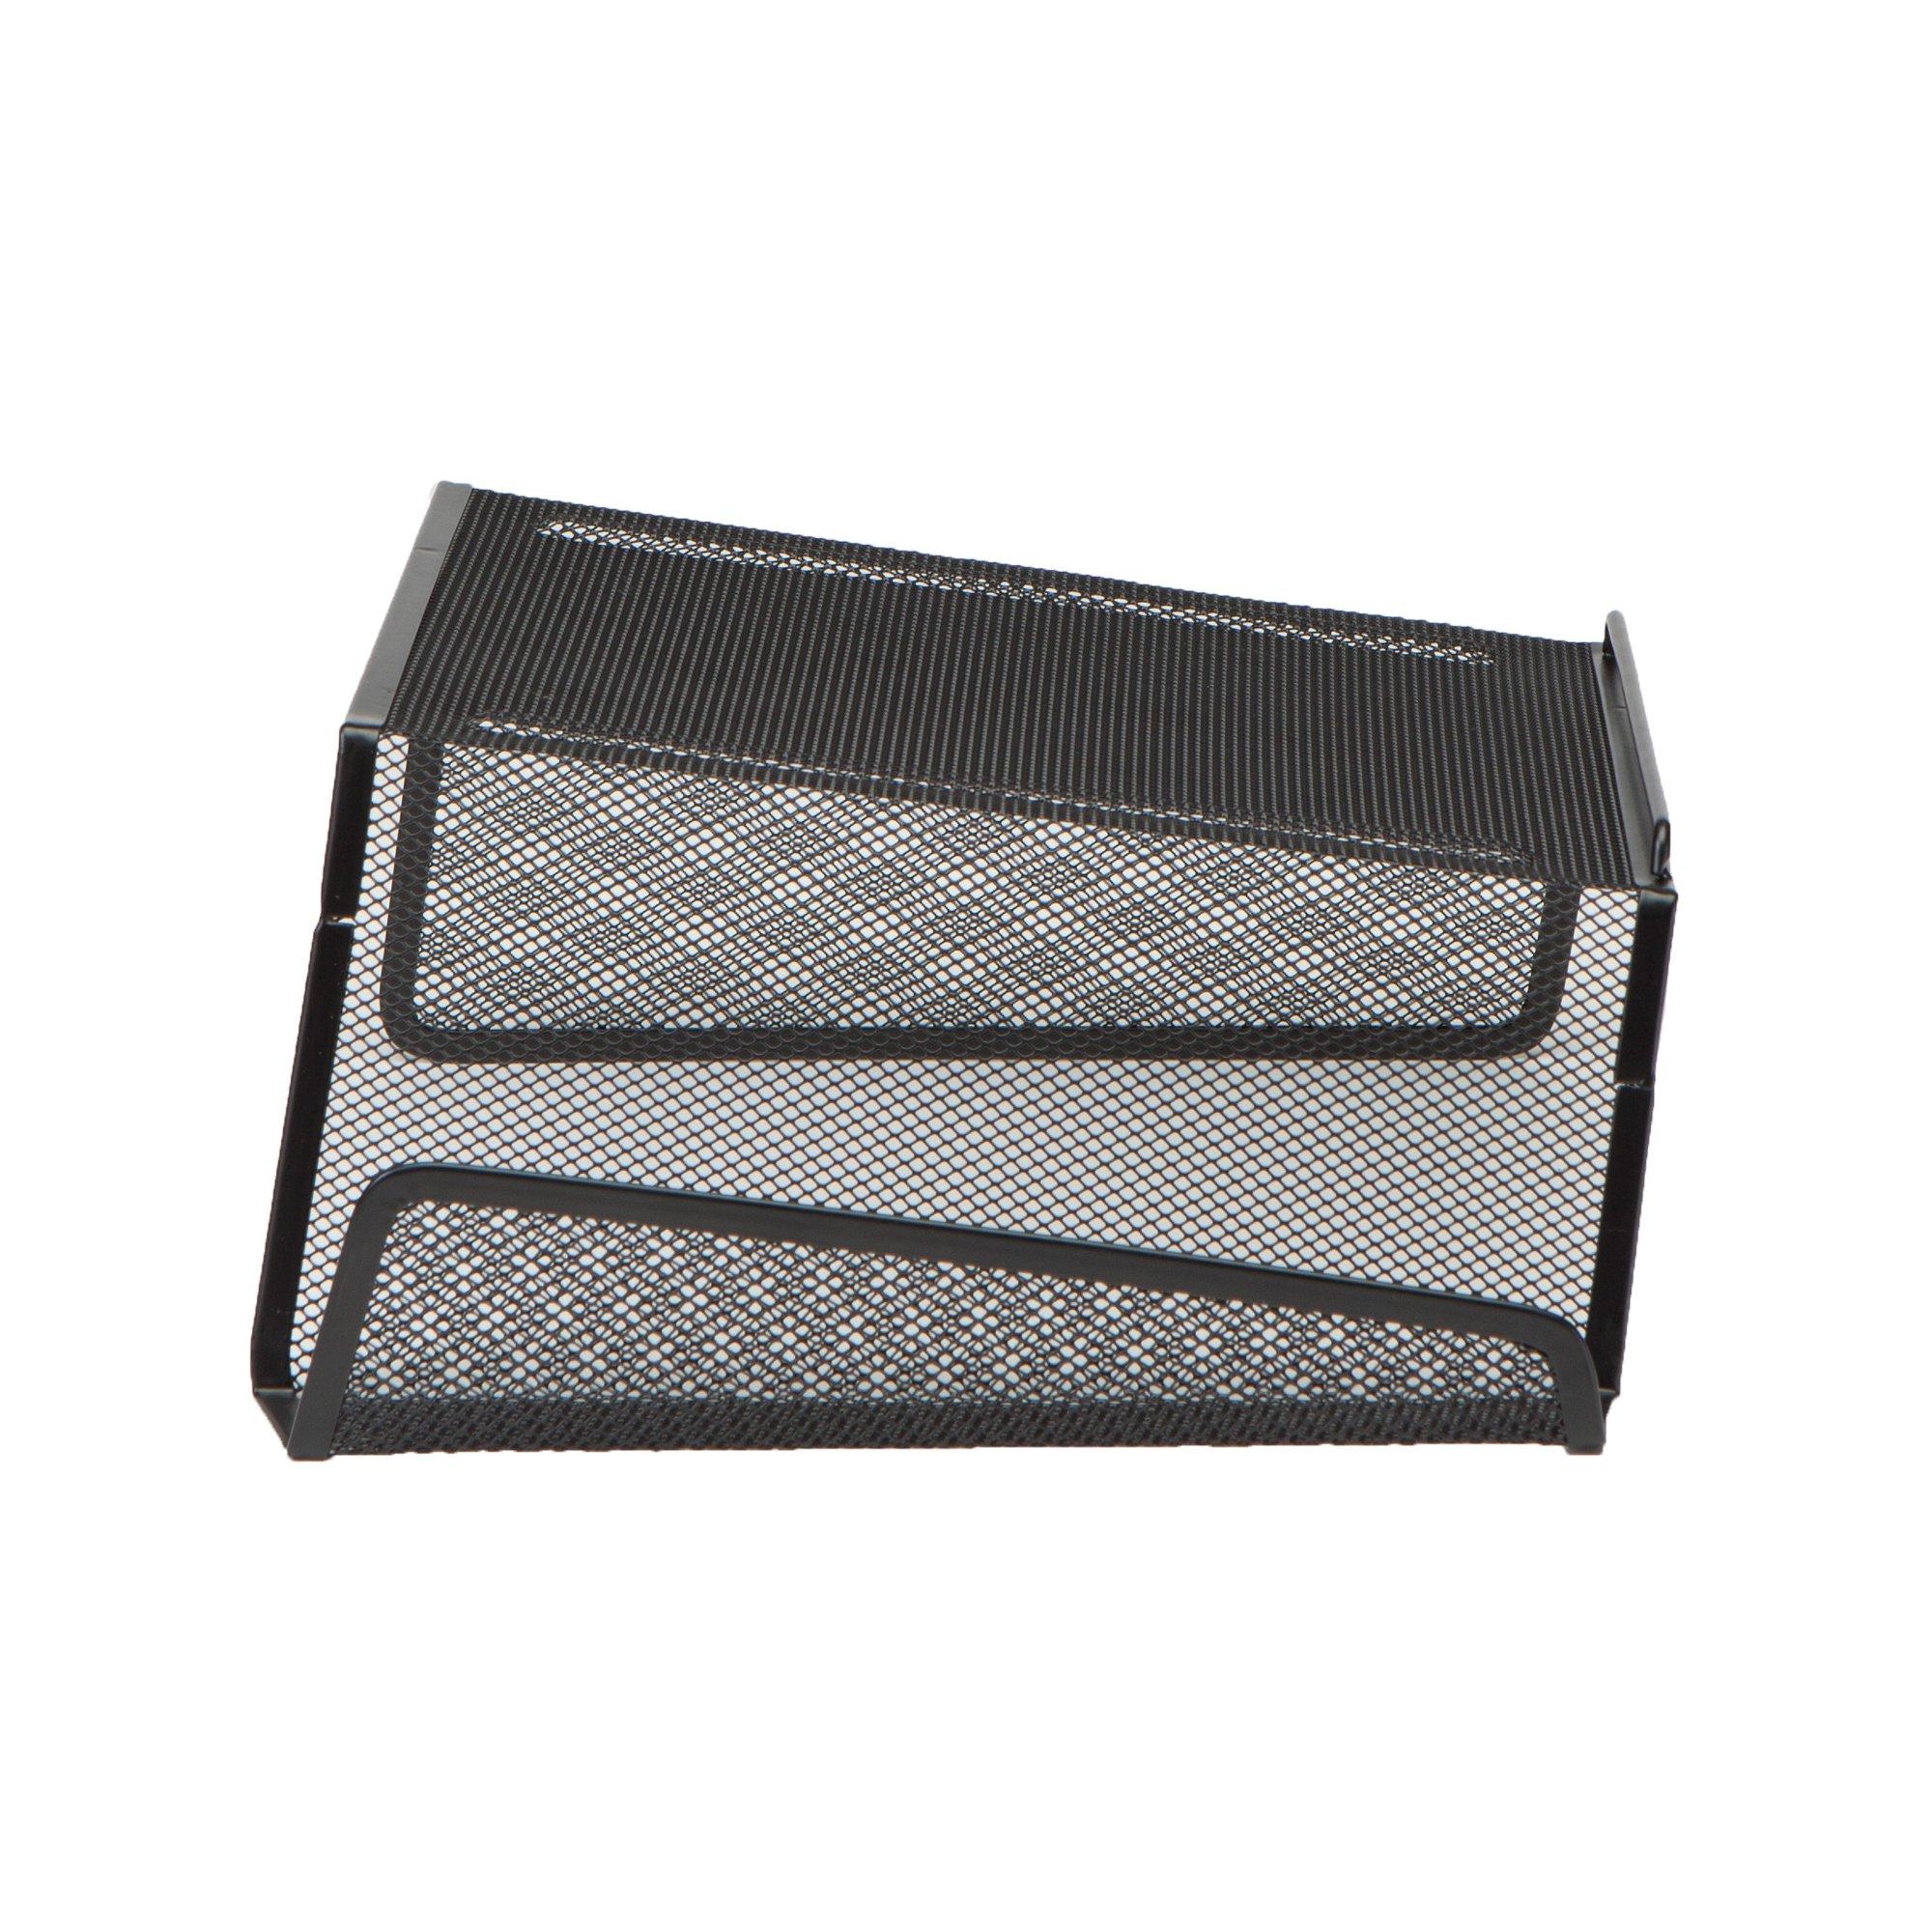 Mind Reader Metal Desktop Phone Stand, 2 Pack, Black by Mind Reader (Image #5)